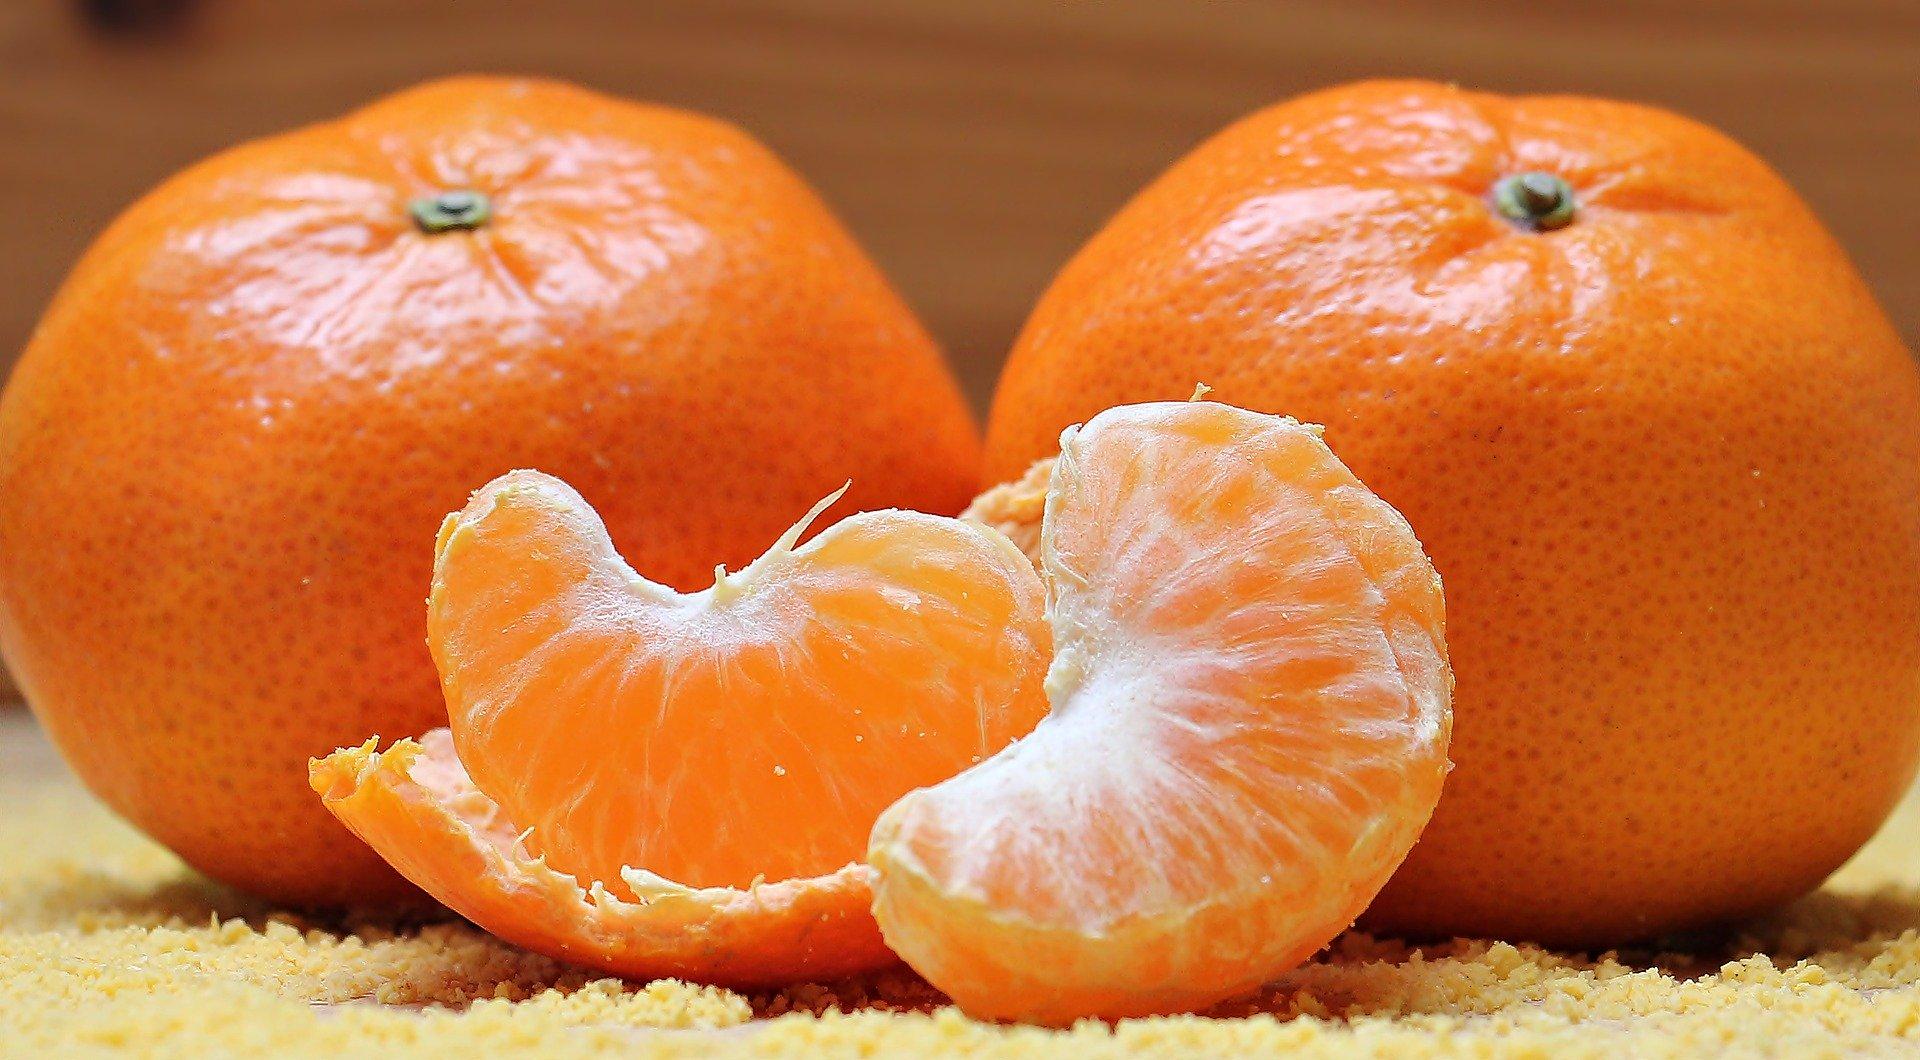 tangerines 1721633 1920 - Vitamina C: Veja quais sãos os benefícios em tomar a vitamina